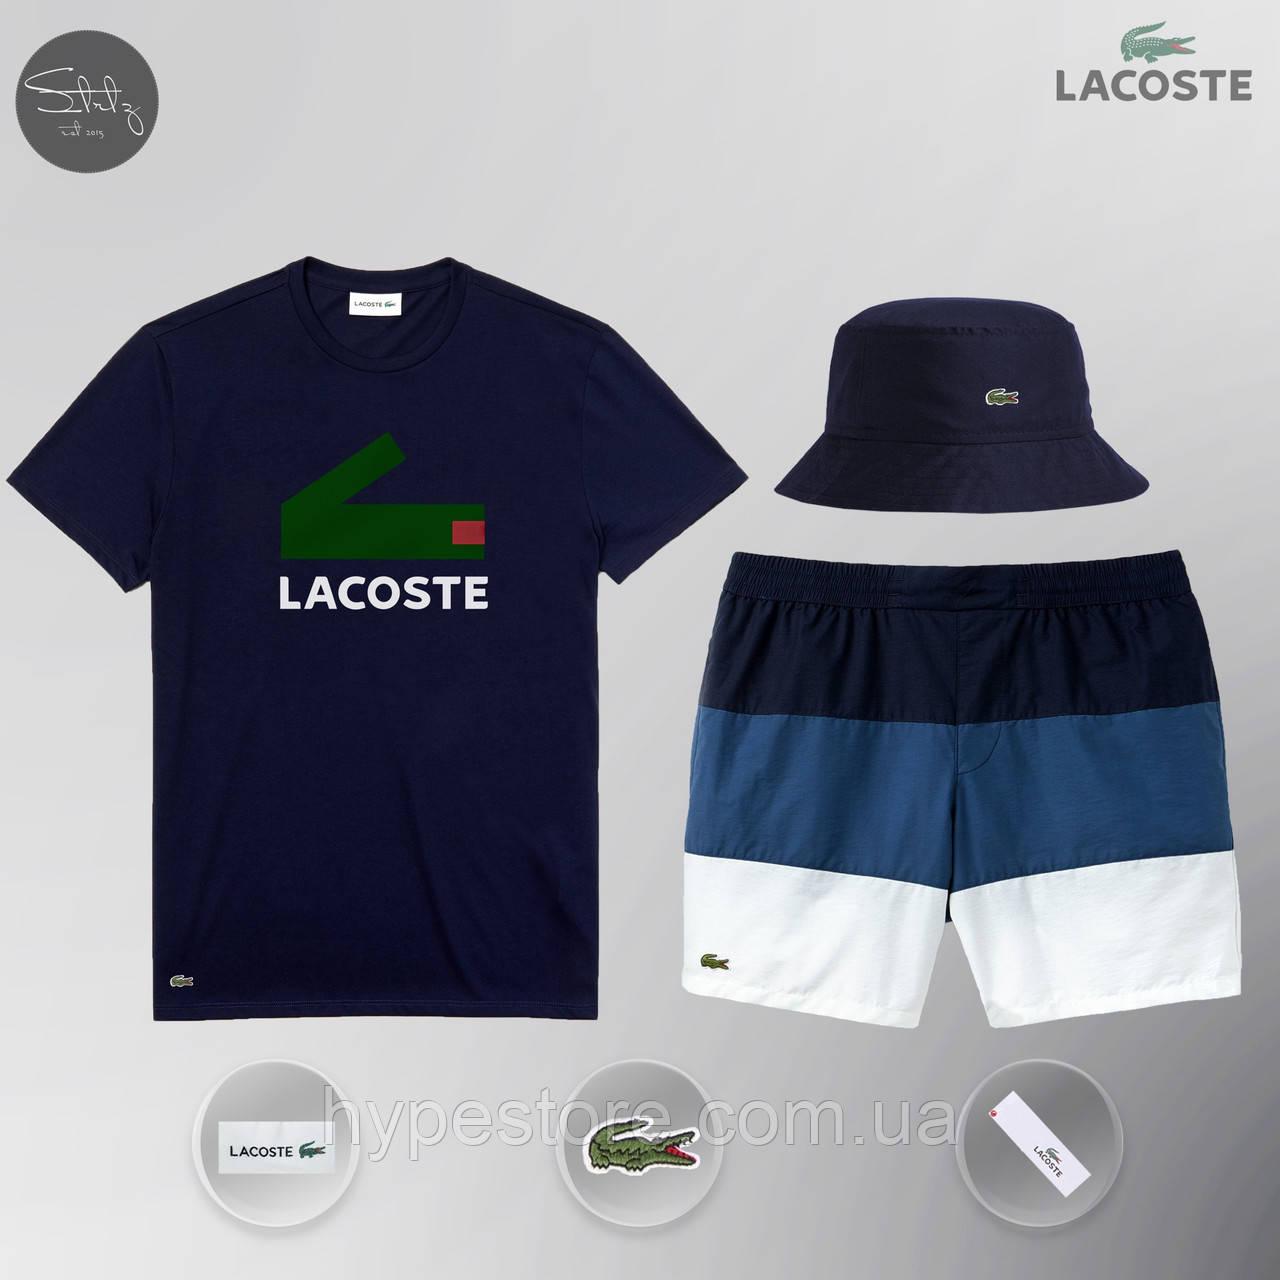 Мужской спортивный костюм лето, мужской пляжный комплект Lacoste Пиксель, шорты+футболка, Реплика